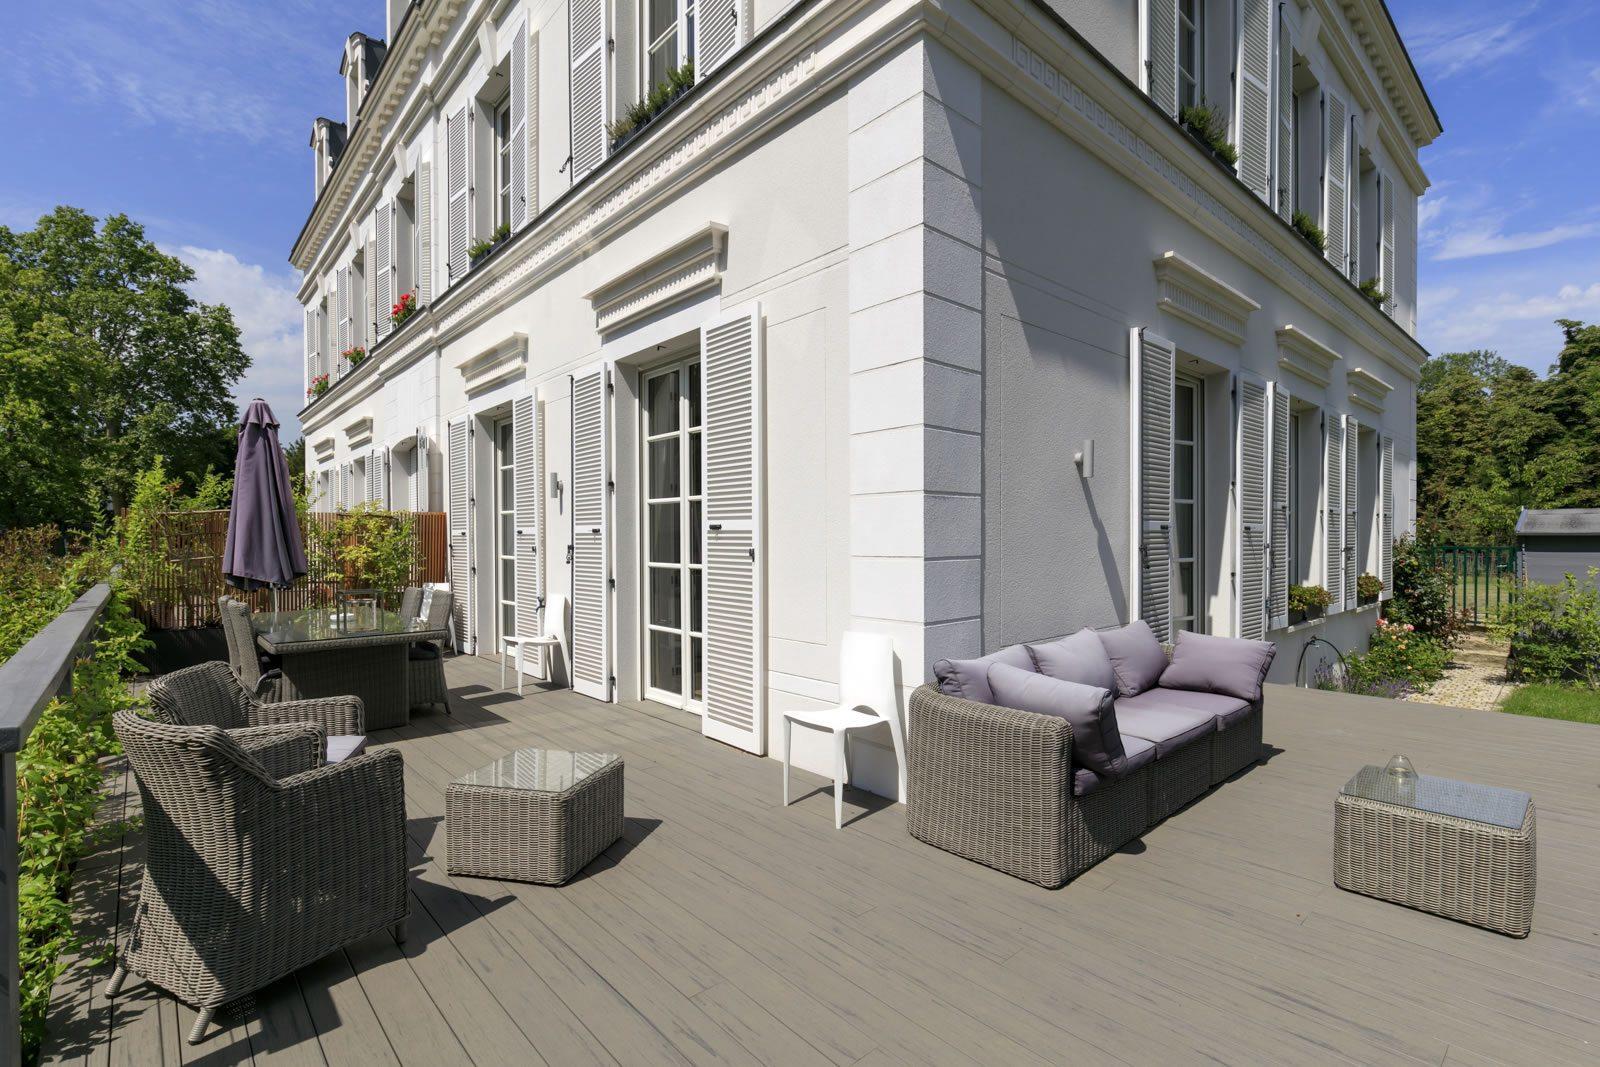 hotel particulier vendre sur un domaine priv rueil malmaison 3 chambres terrasse. Black Bedroom Furniture Sets. Home Design Ideas